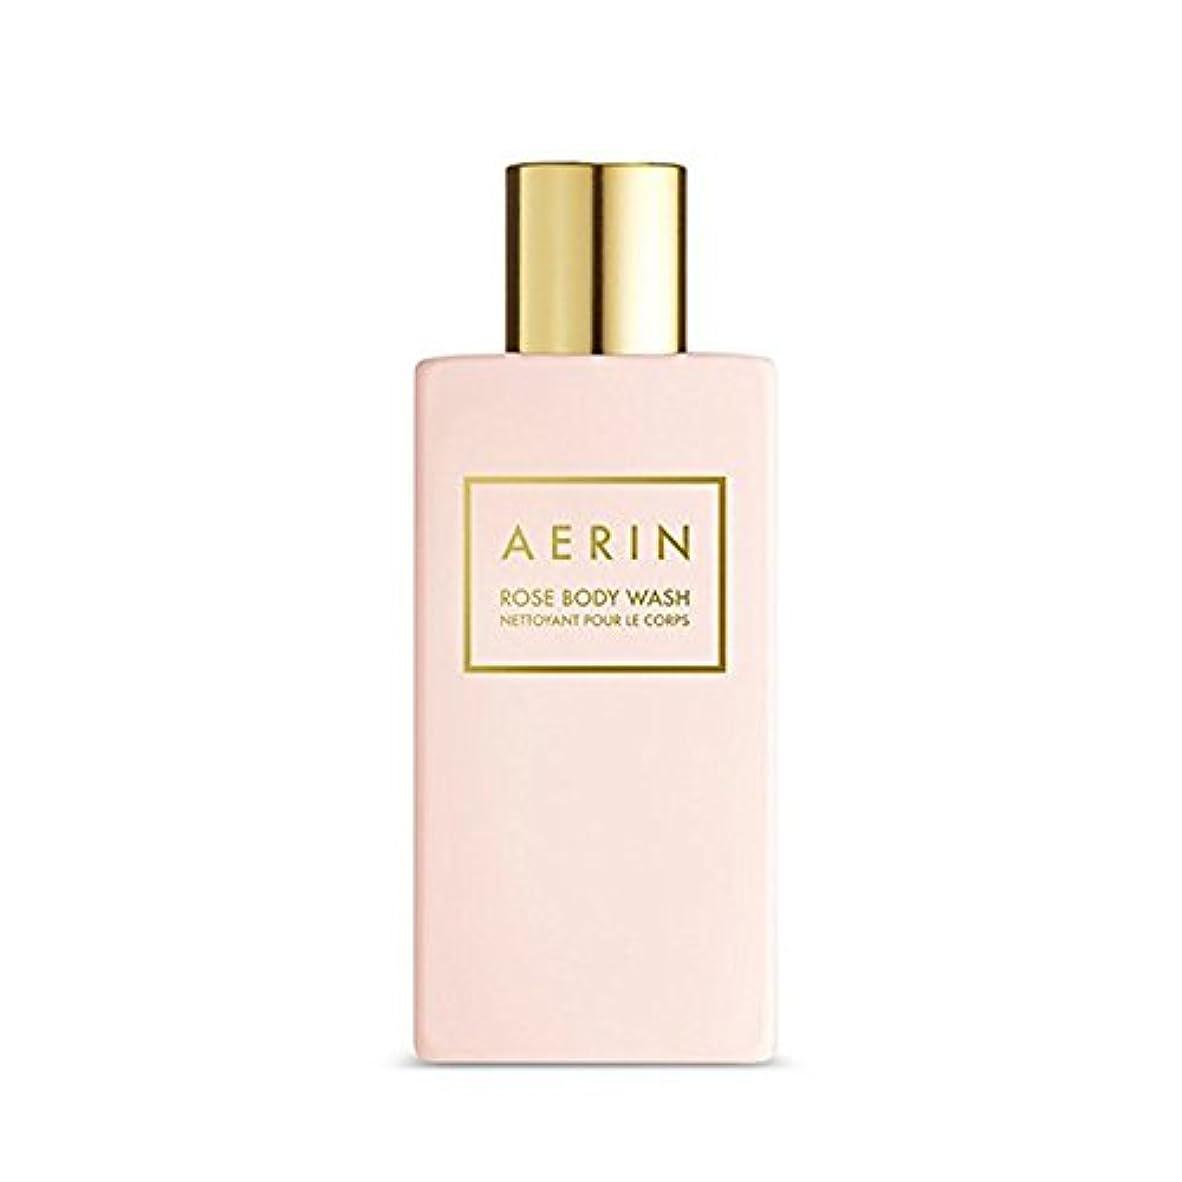 クック凝縮する散髪AERIN Rose Body Wash(アエリン ローズ ボディー ウオッシュ) 7.6 oz (225ml) by Estee Lauder